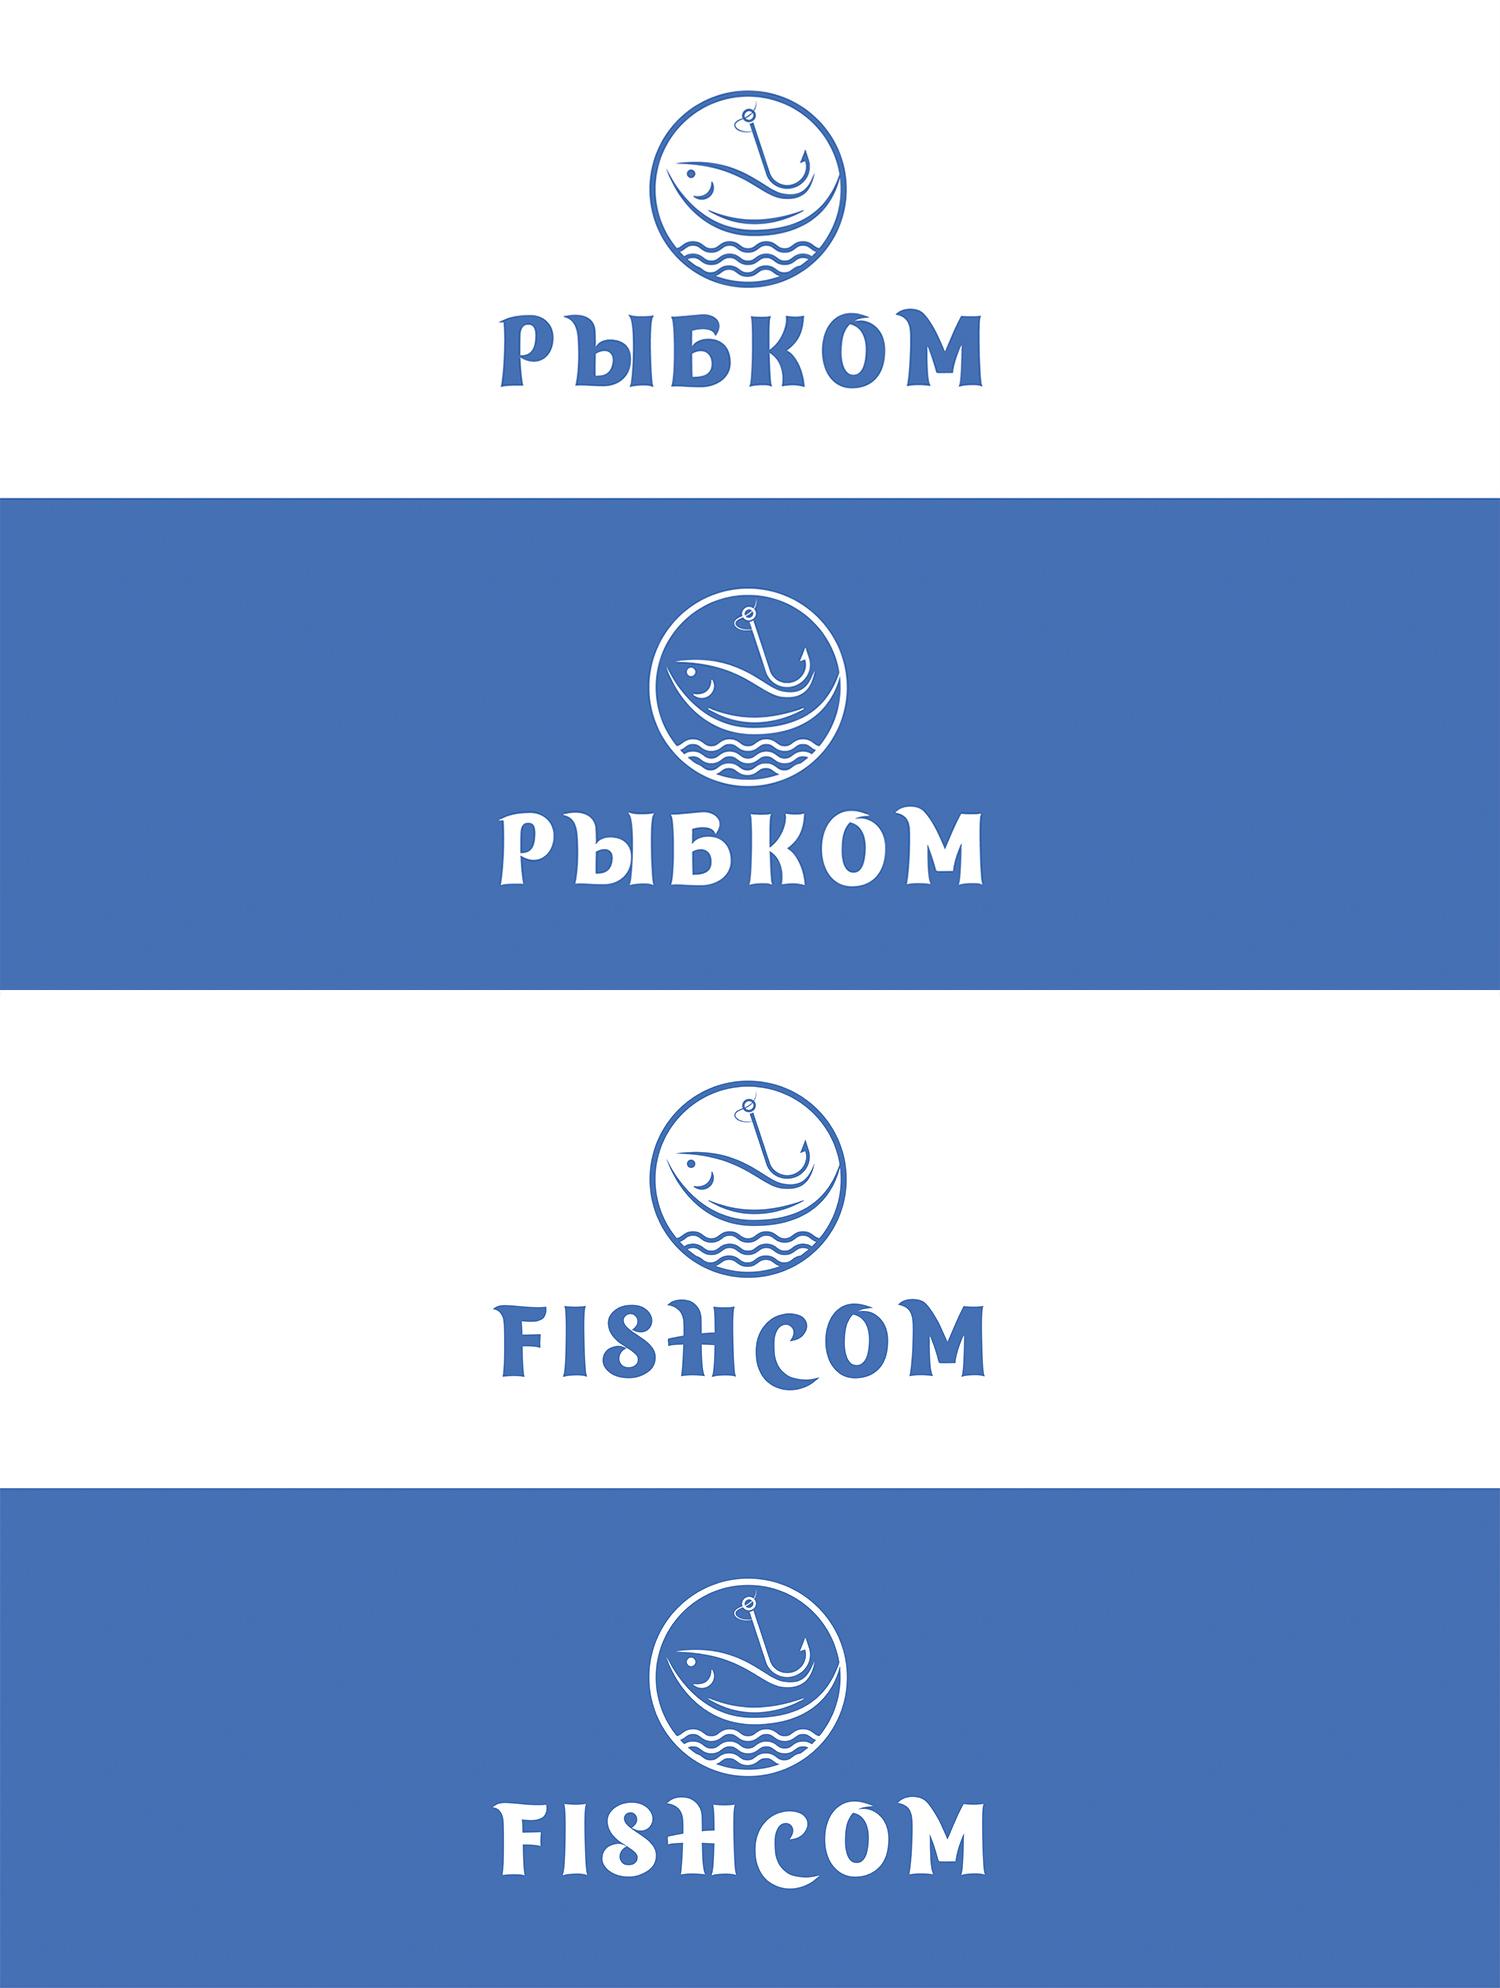 Создание логотипа и брэндбука для компании РЫБКОМ фото f_2275c0a8c908851f.jpg